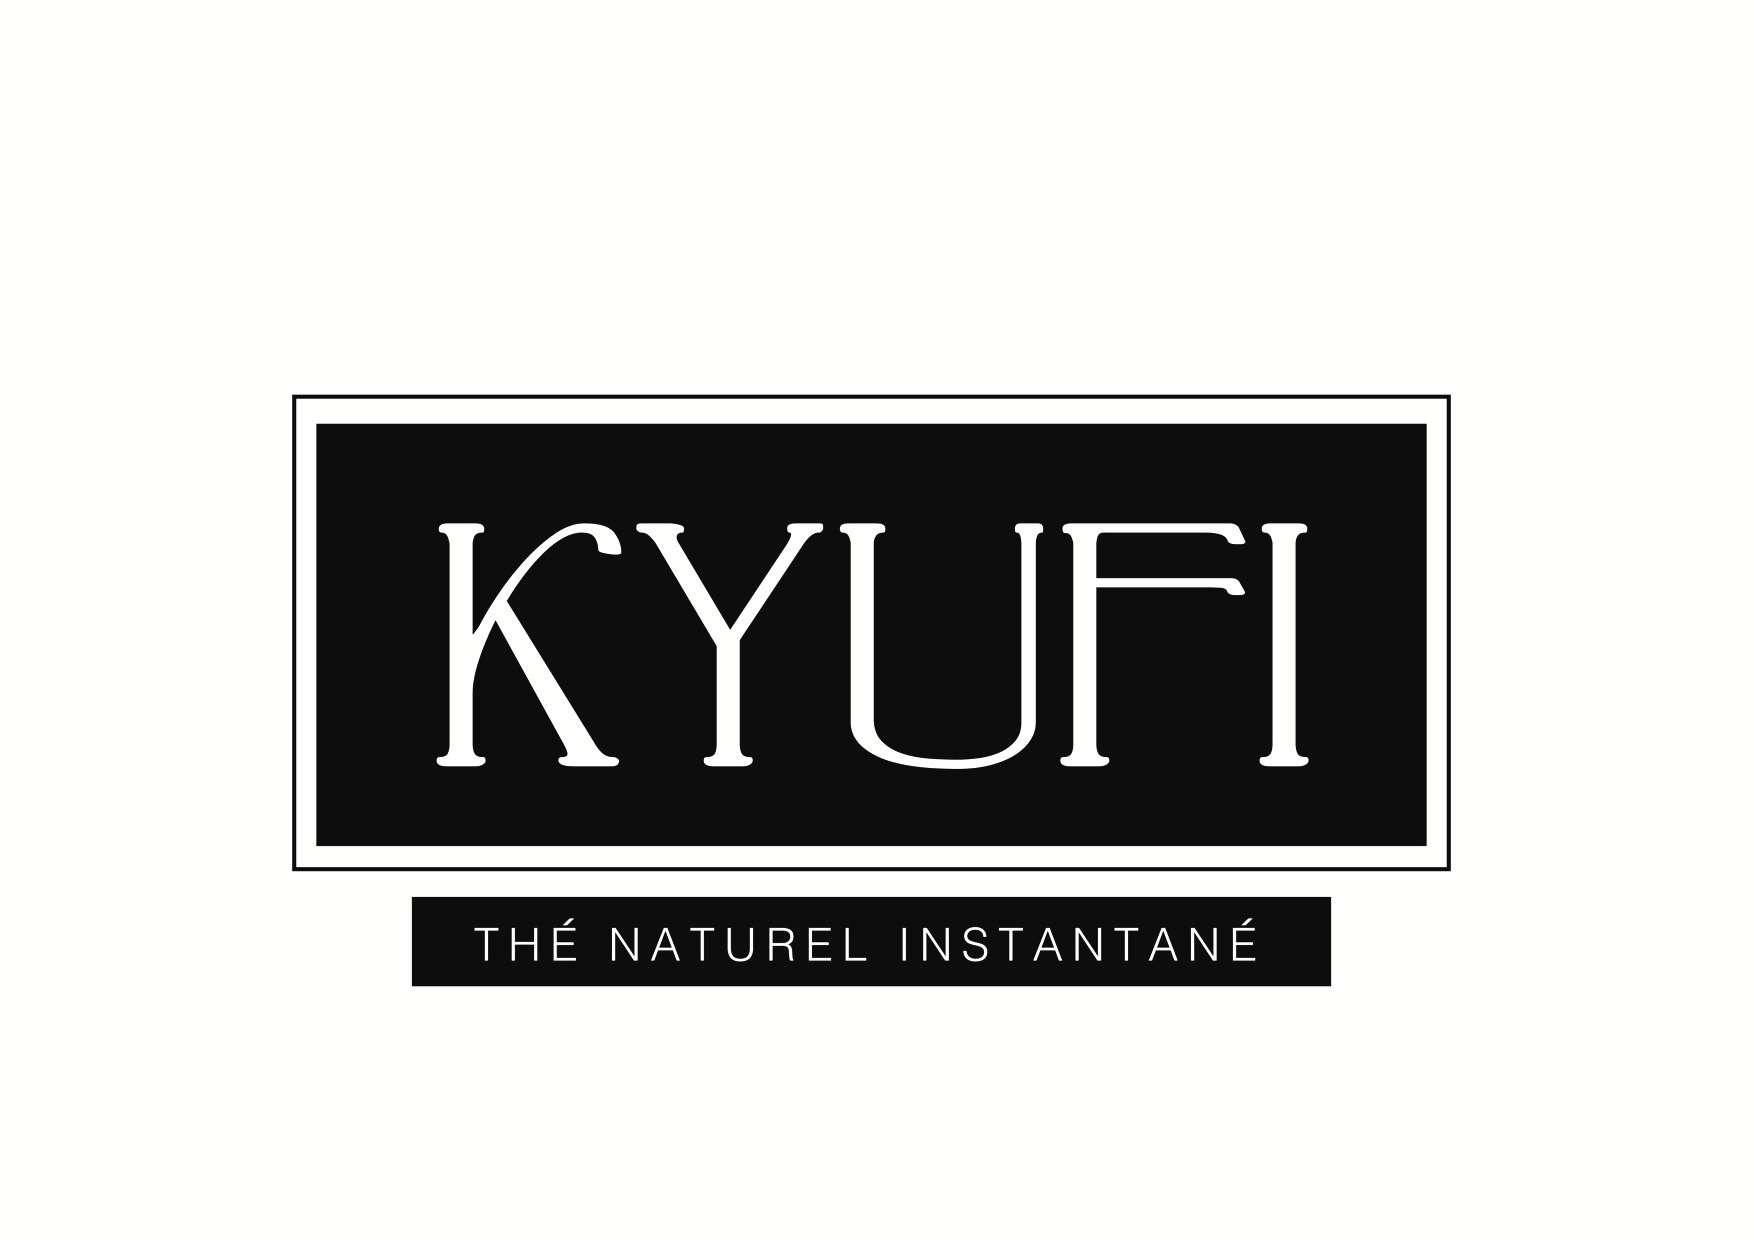 Kyufi